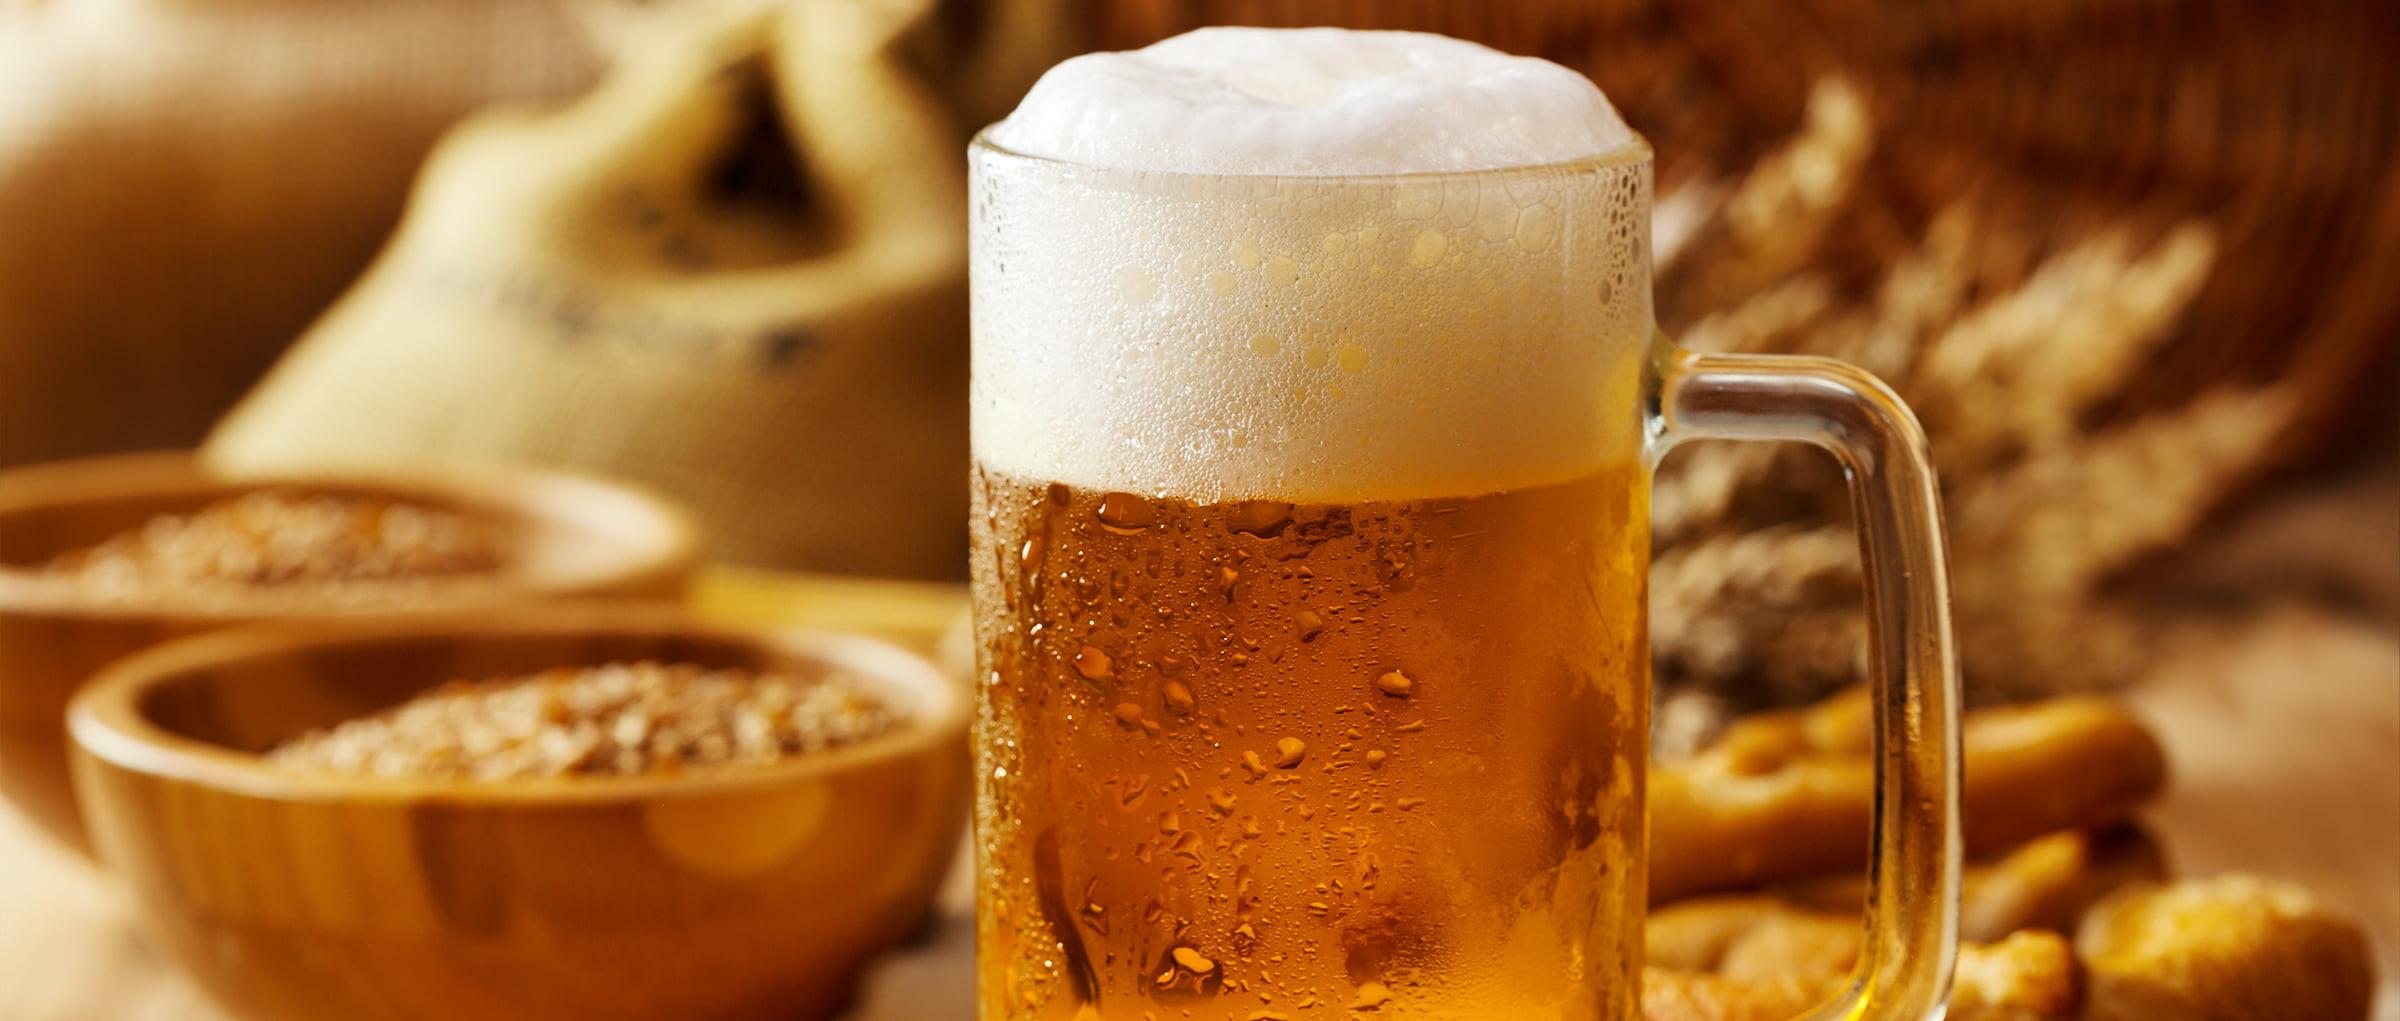 Efecto antioxidante de la cerveza